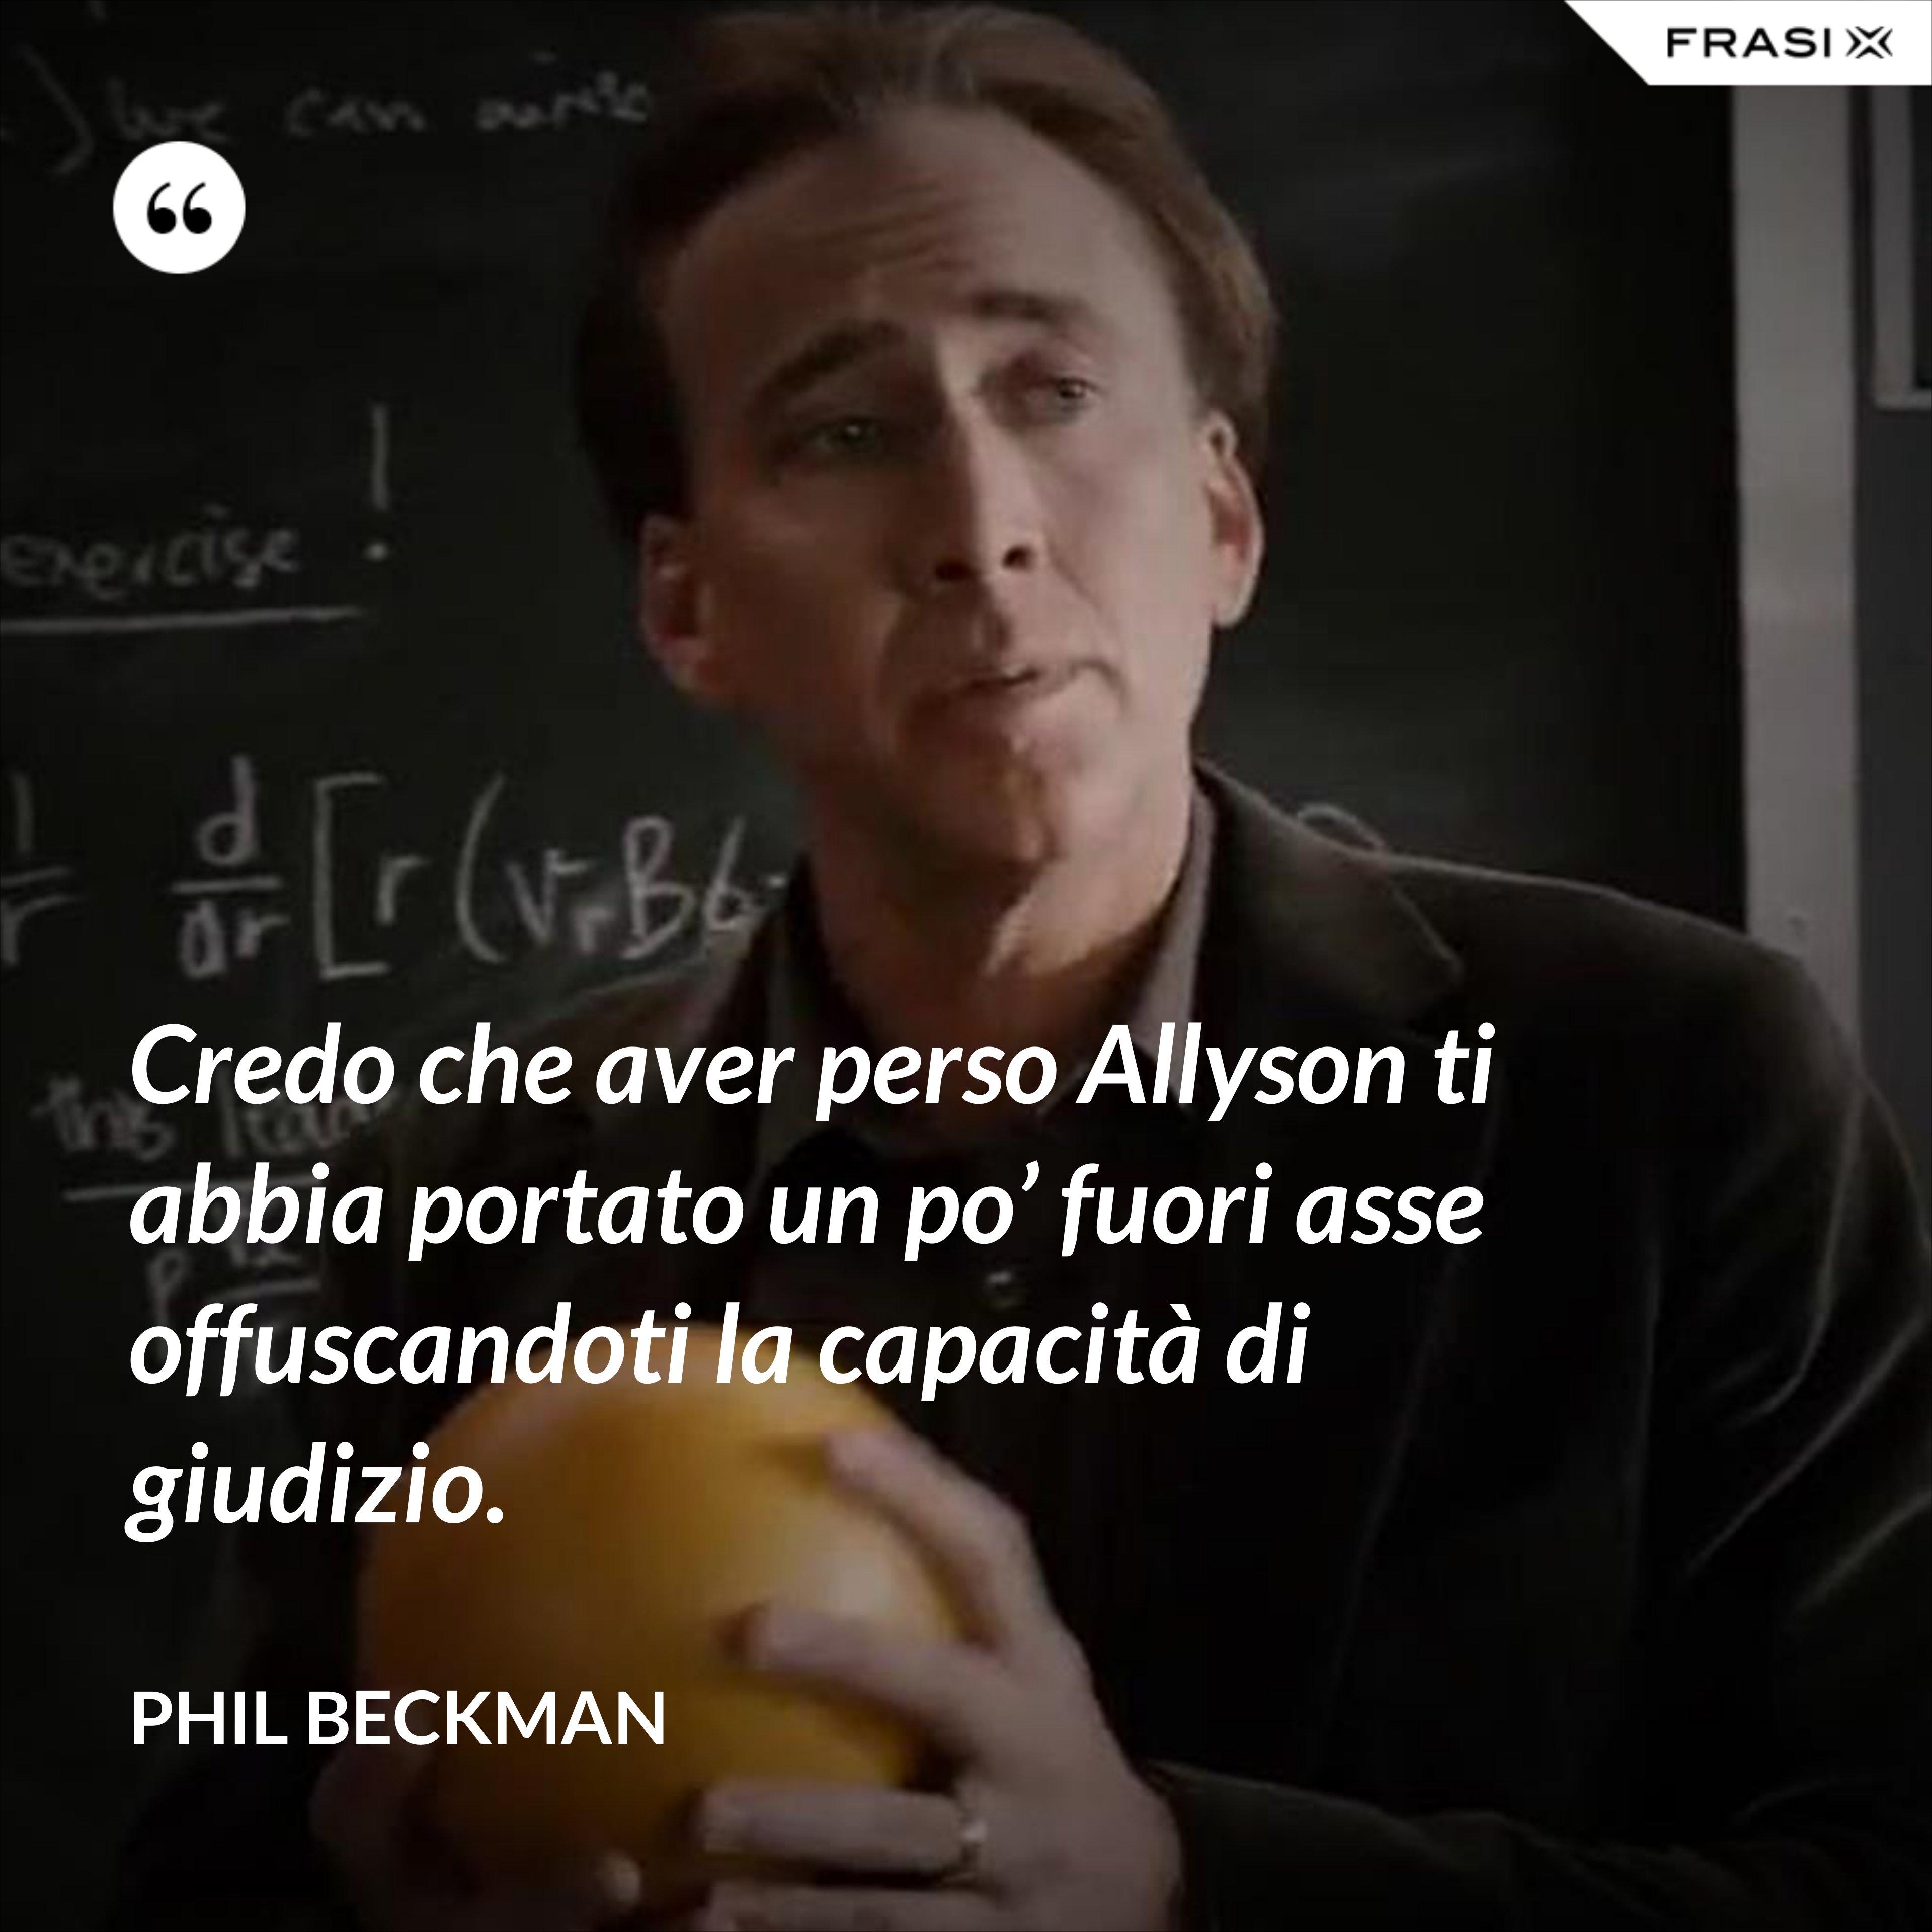 Credo che aver perso Allyson ti abbia portato un po' fuori asse offuscandoti la capacità di giudizio. - Phil Beckman